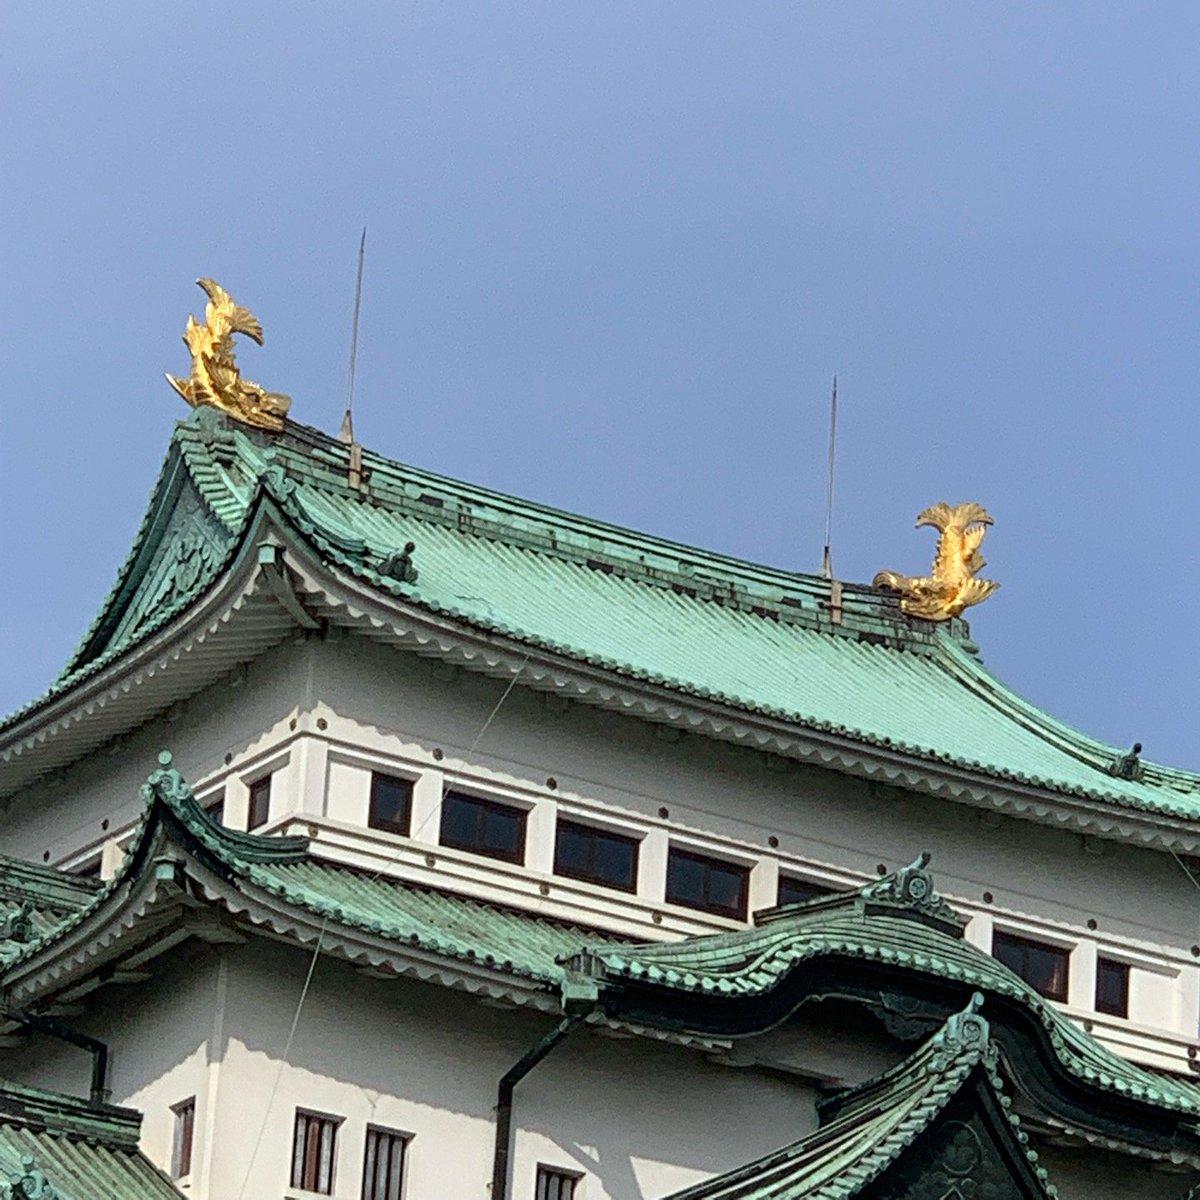 名古屋城 天主閣(シャチホコ)